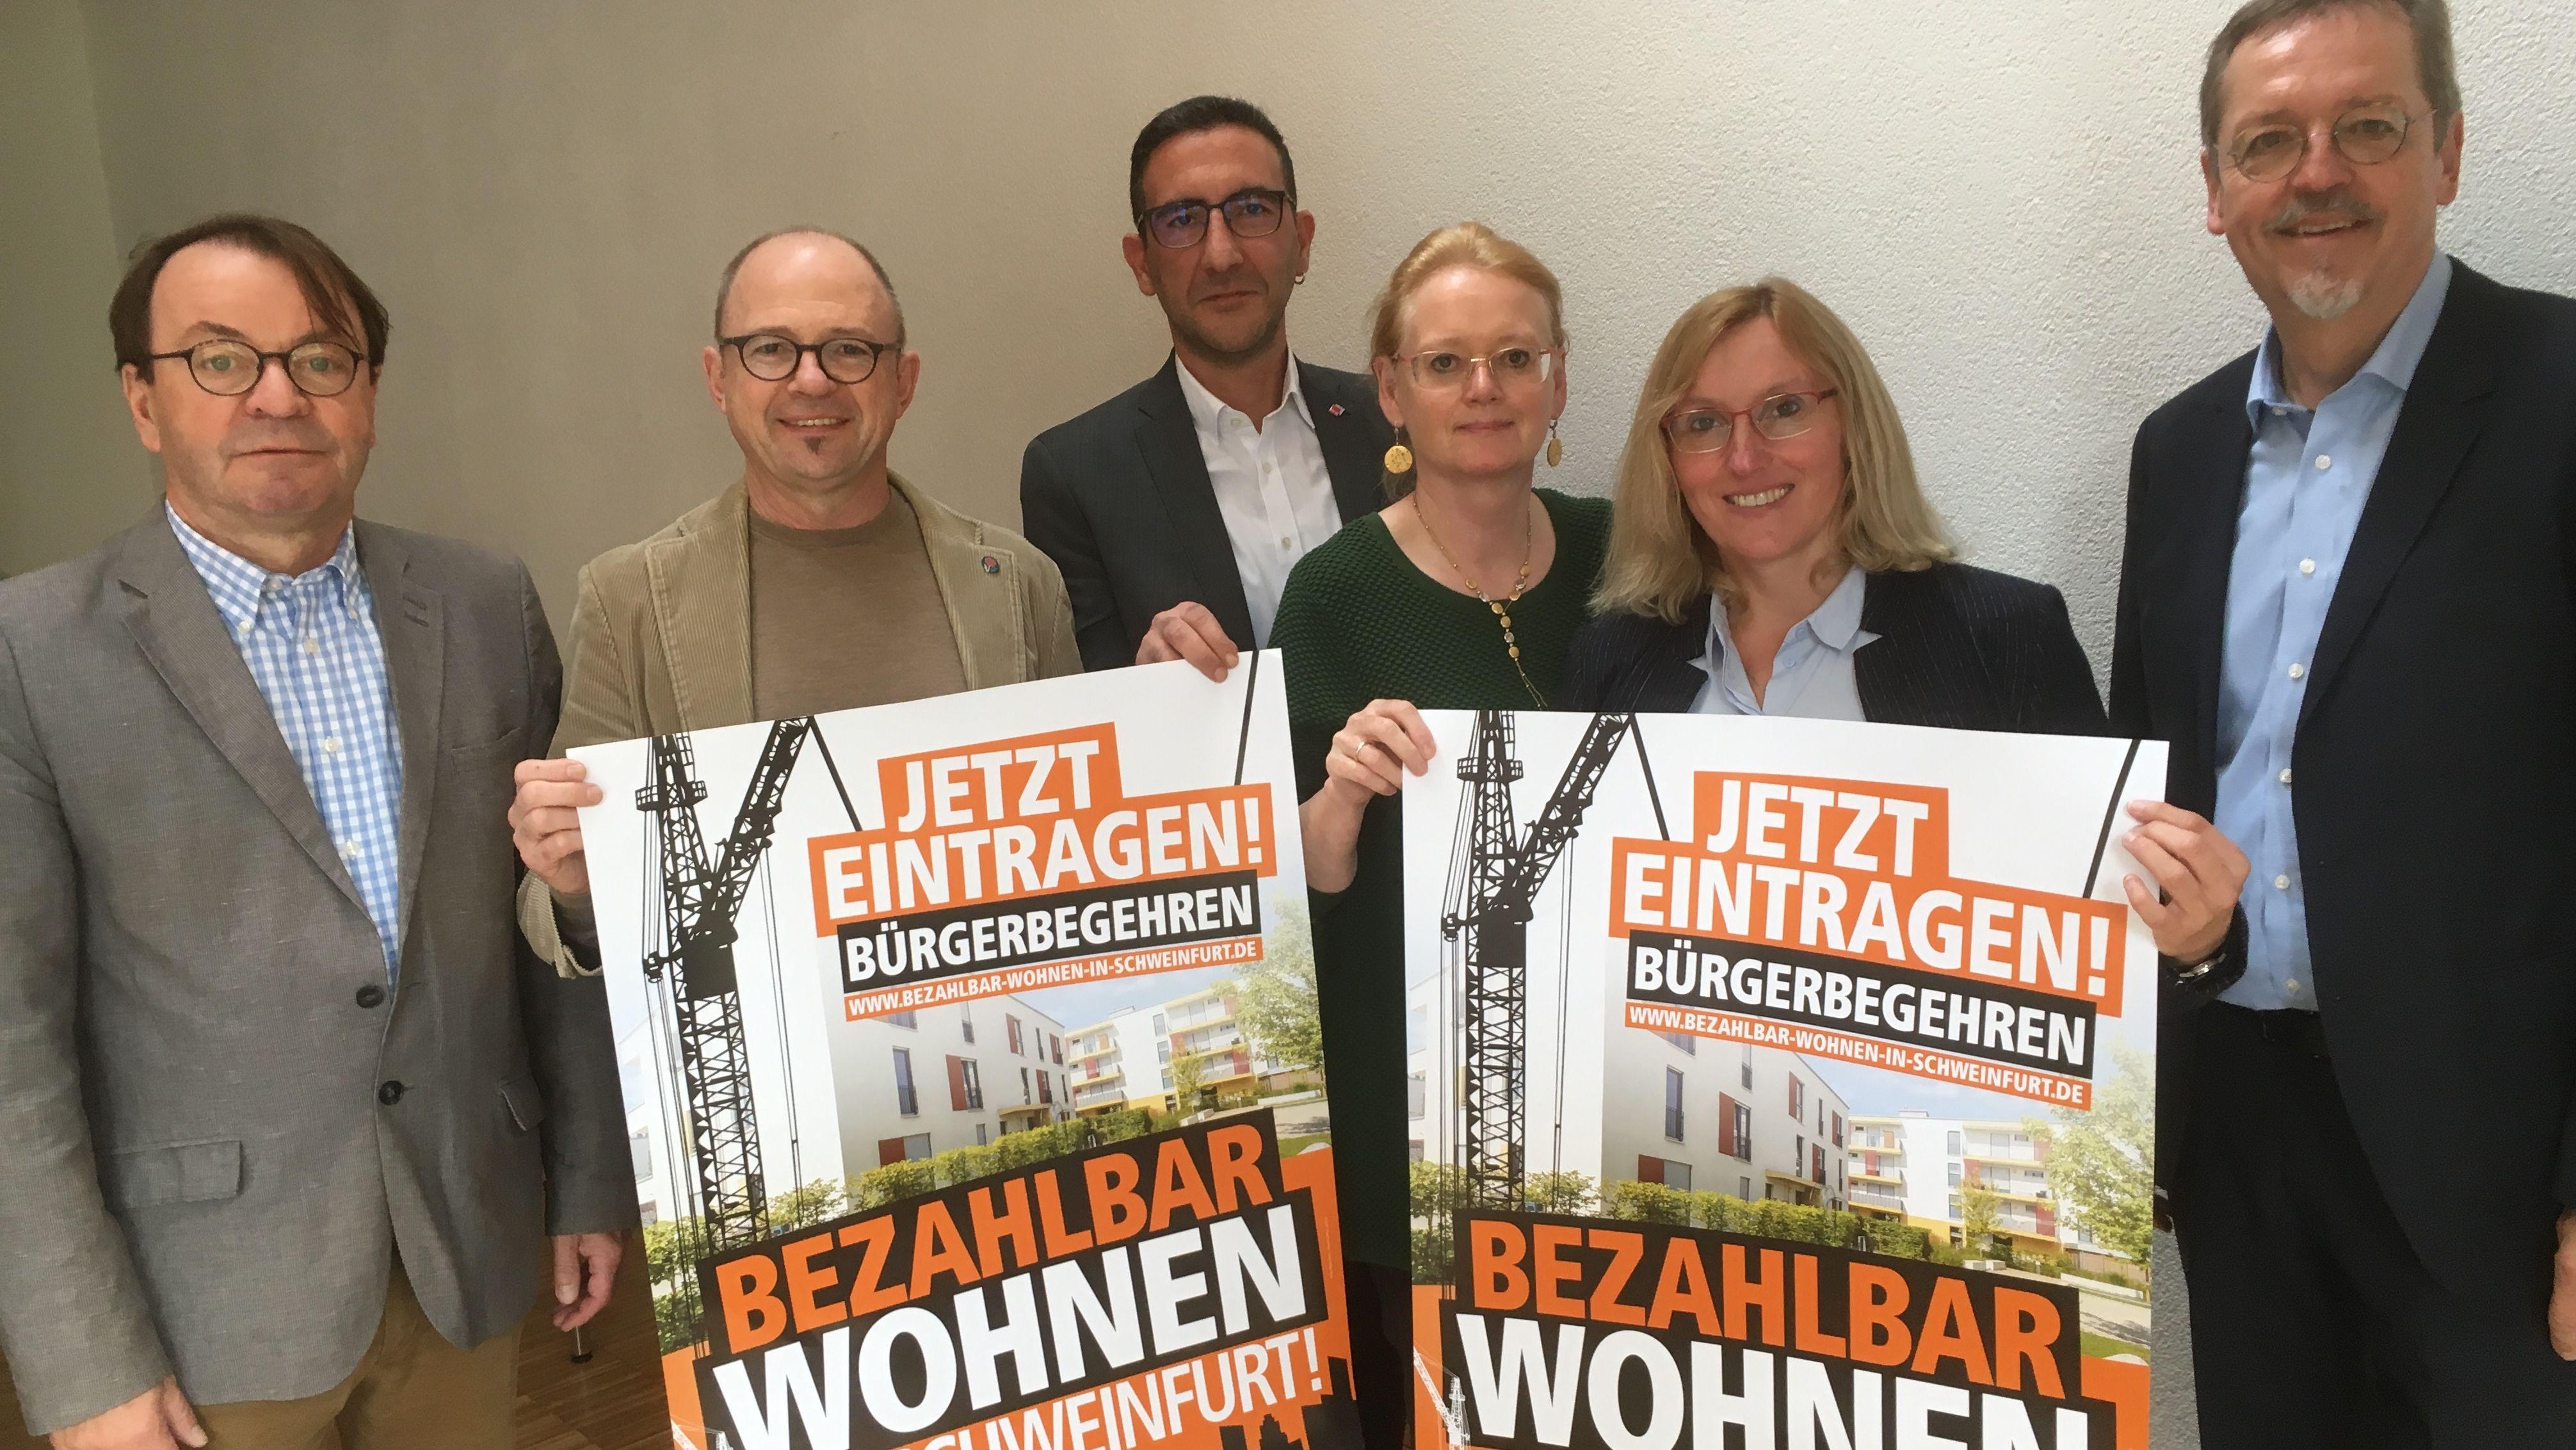 Bürgerbegehren für bezahlbaren Wohnraum in Schweinfurt gestartet